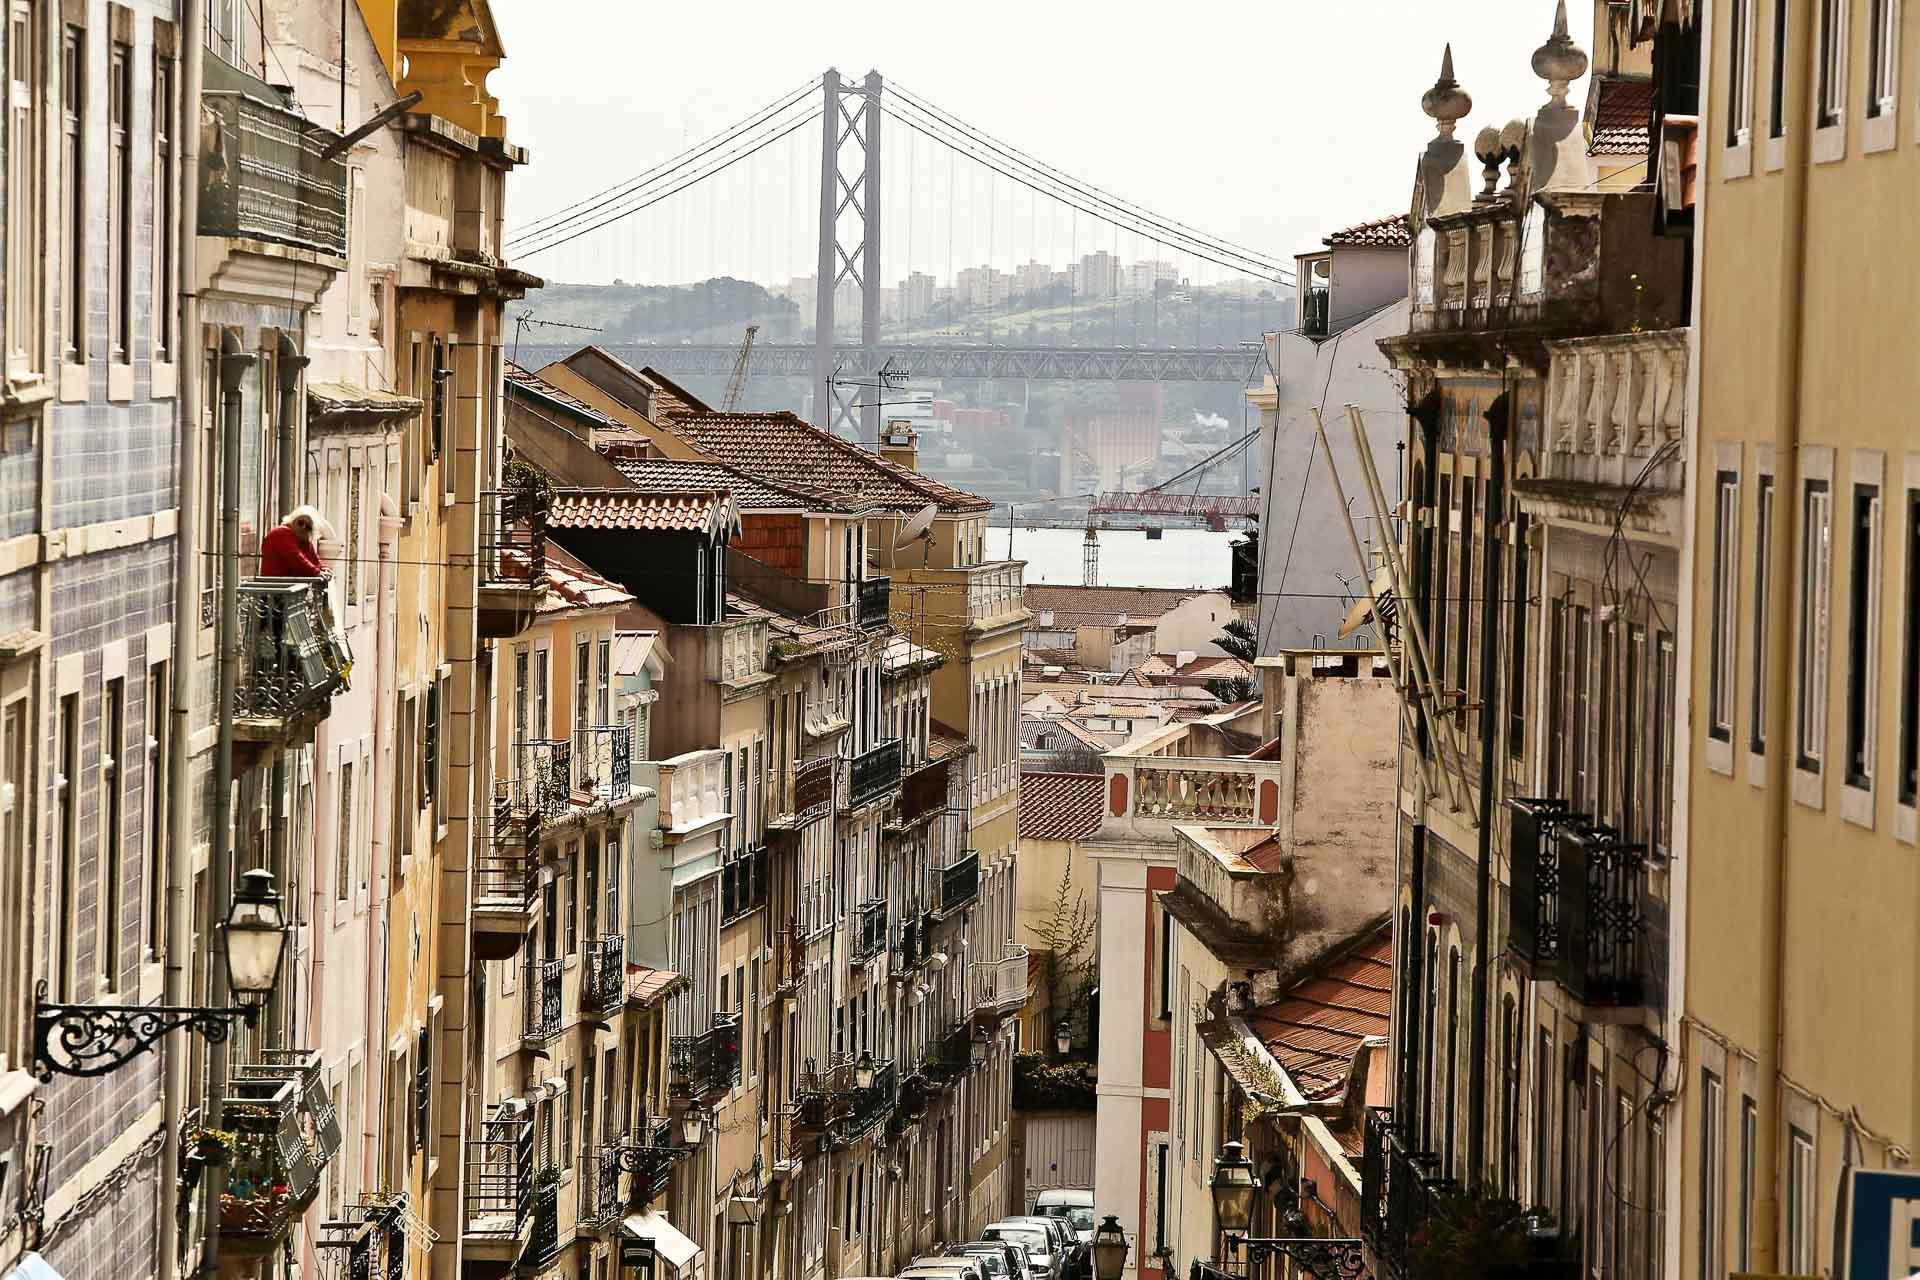 Les pentes du quartier de Principe Real et la vue imprenable sur le pont du 25 avril.